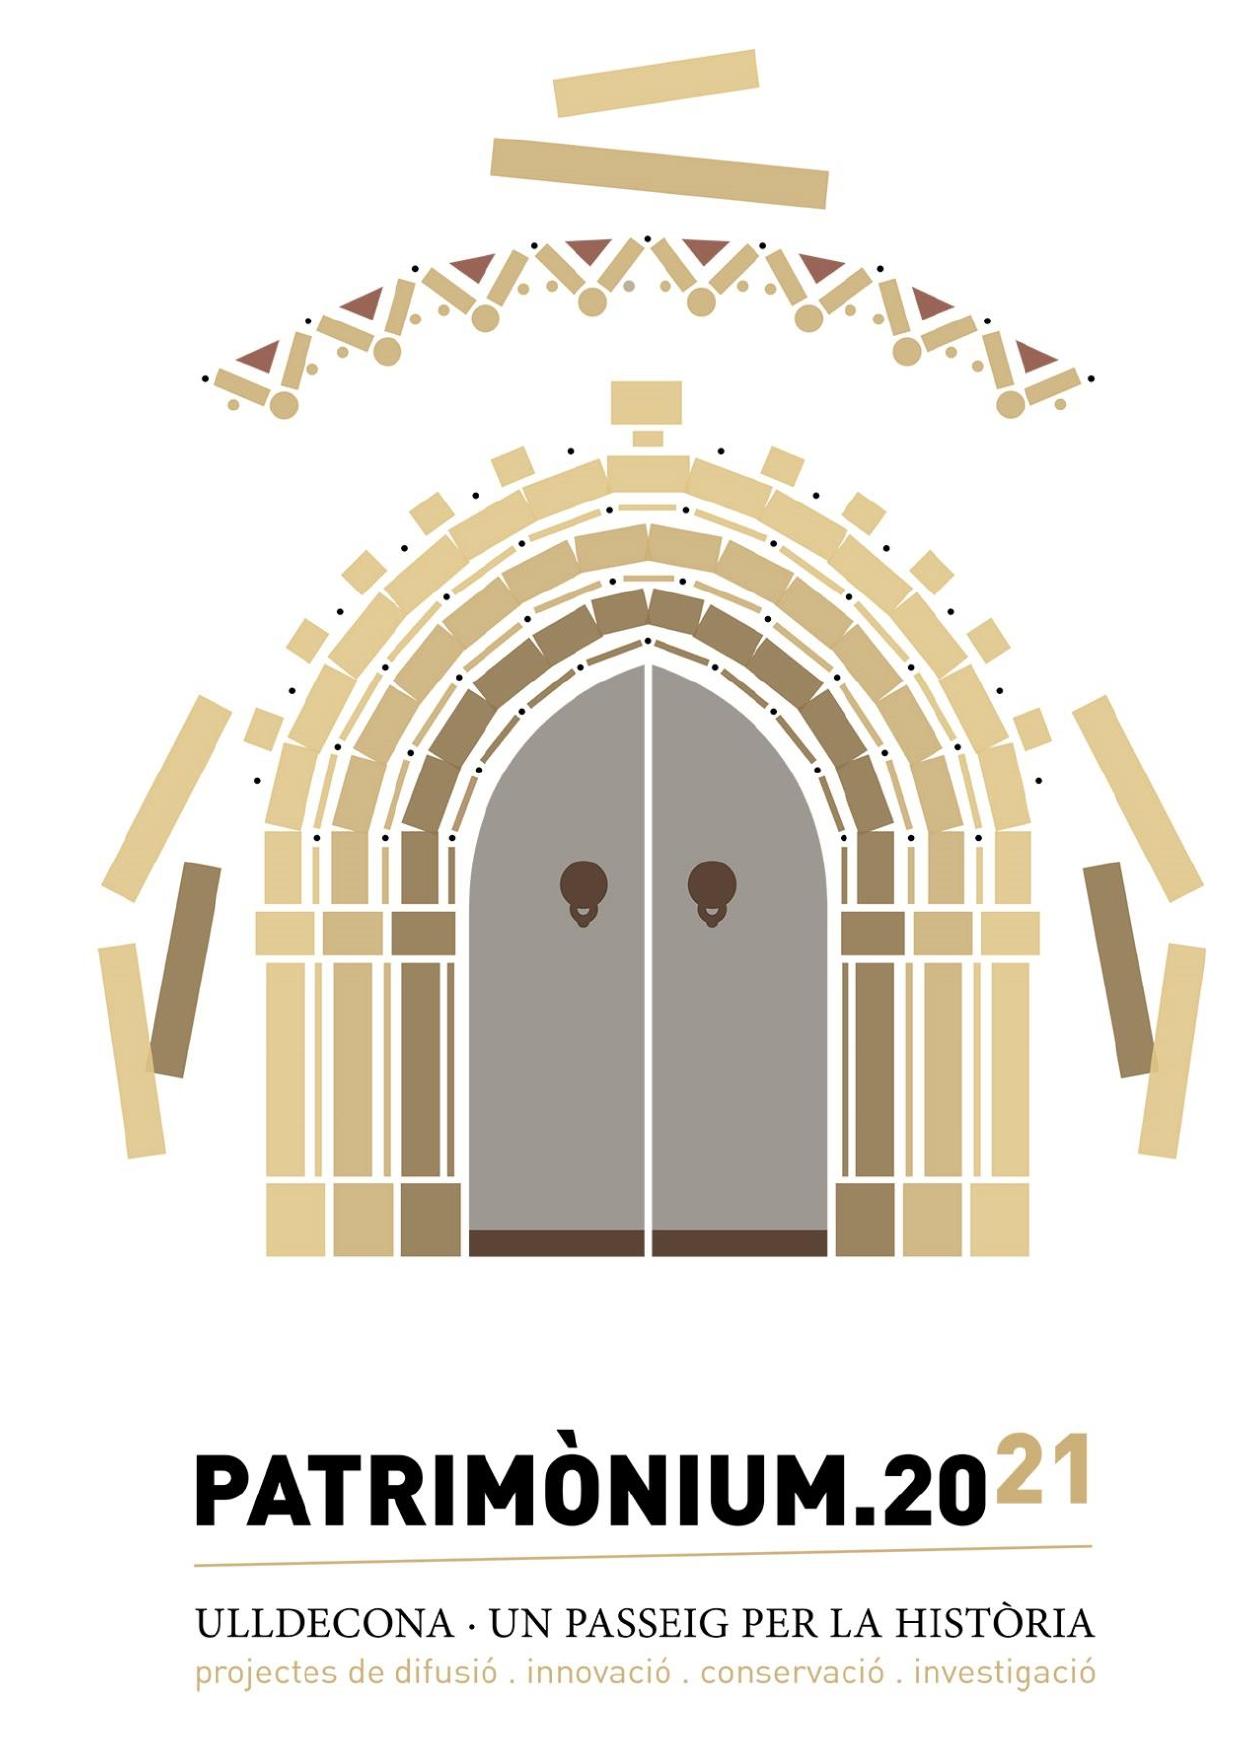 PATRIMONIUM 2021